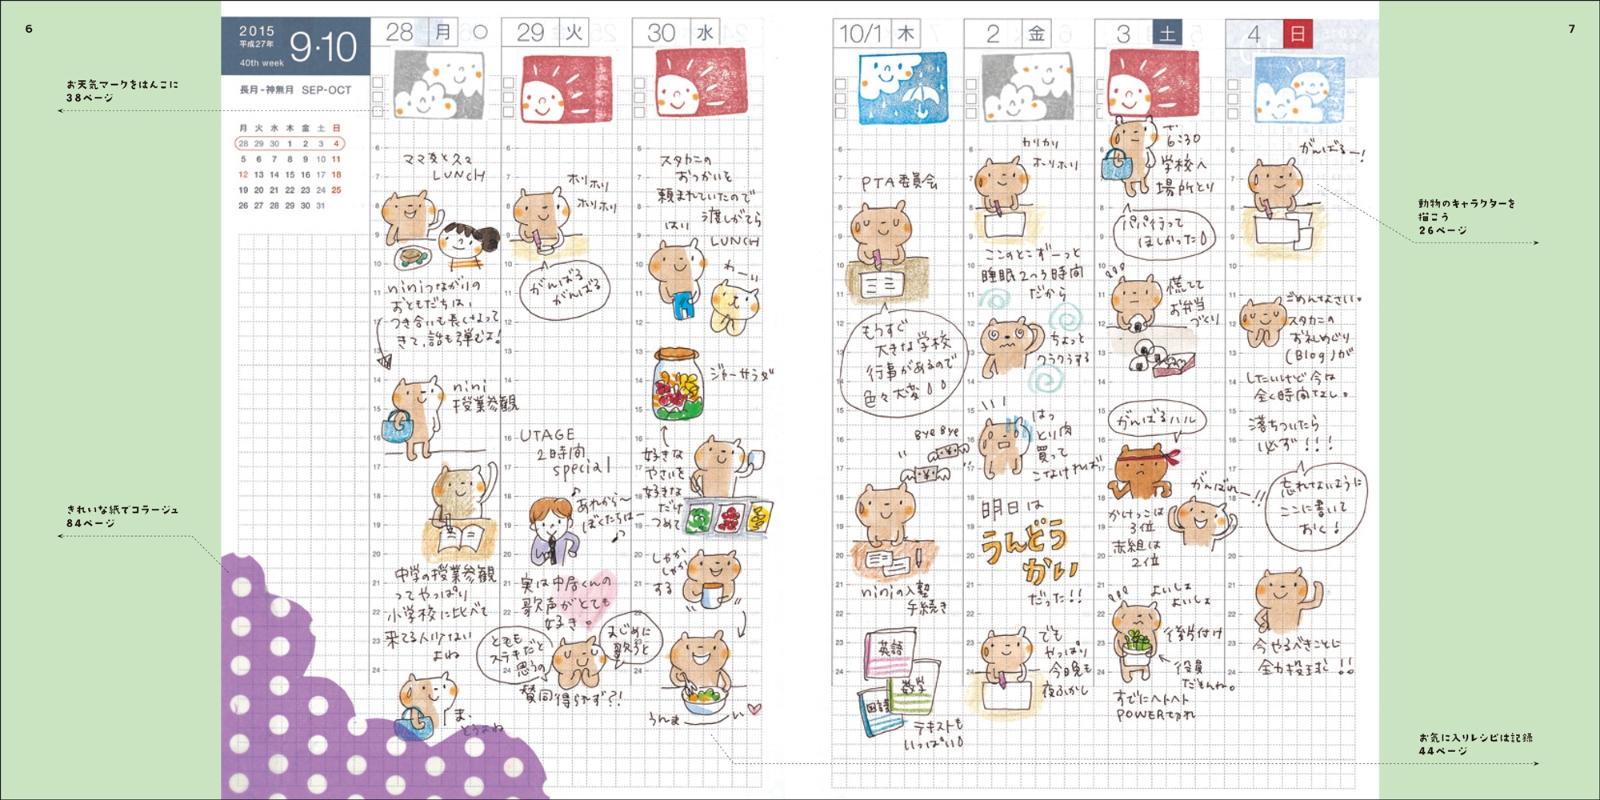 楽天ブックス: かわいい手帳の描き方レッスン - 手描きイラストと